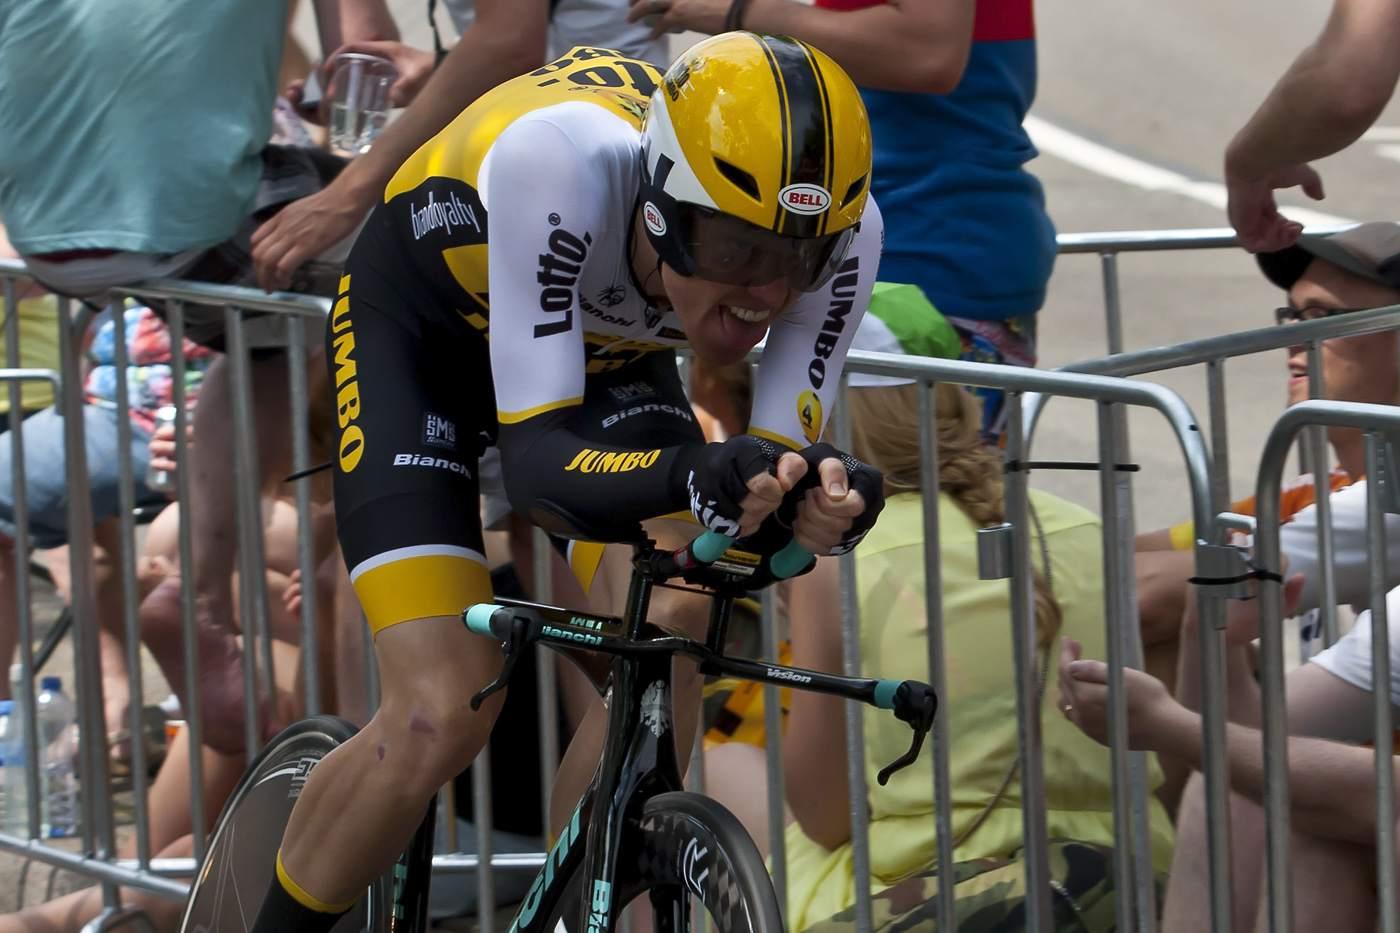 tour france 2015 pictures14 Tour de France 2015 in Pictures